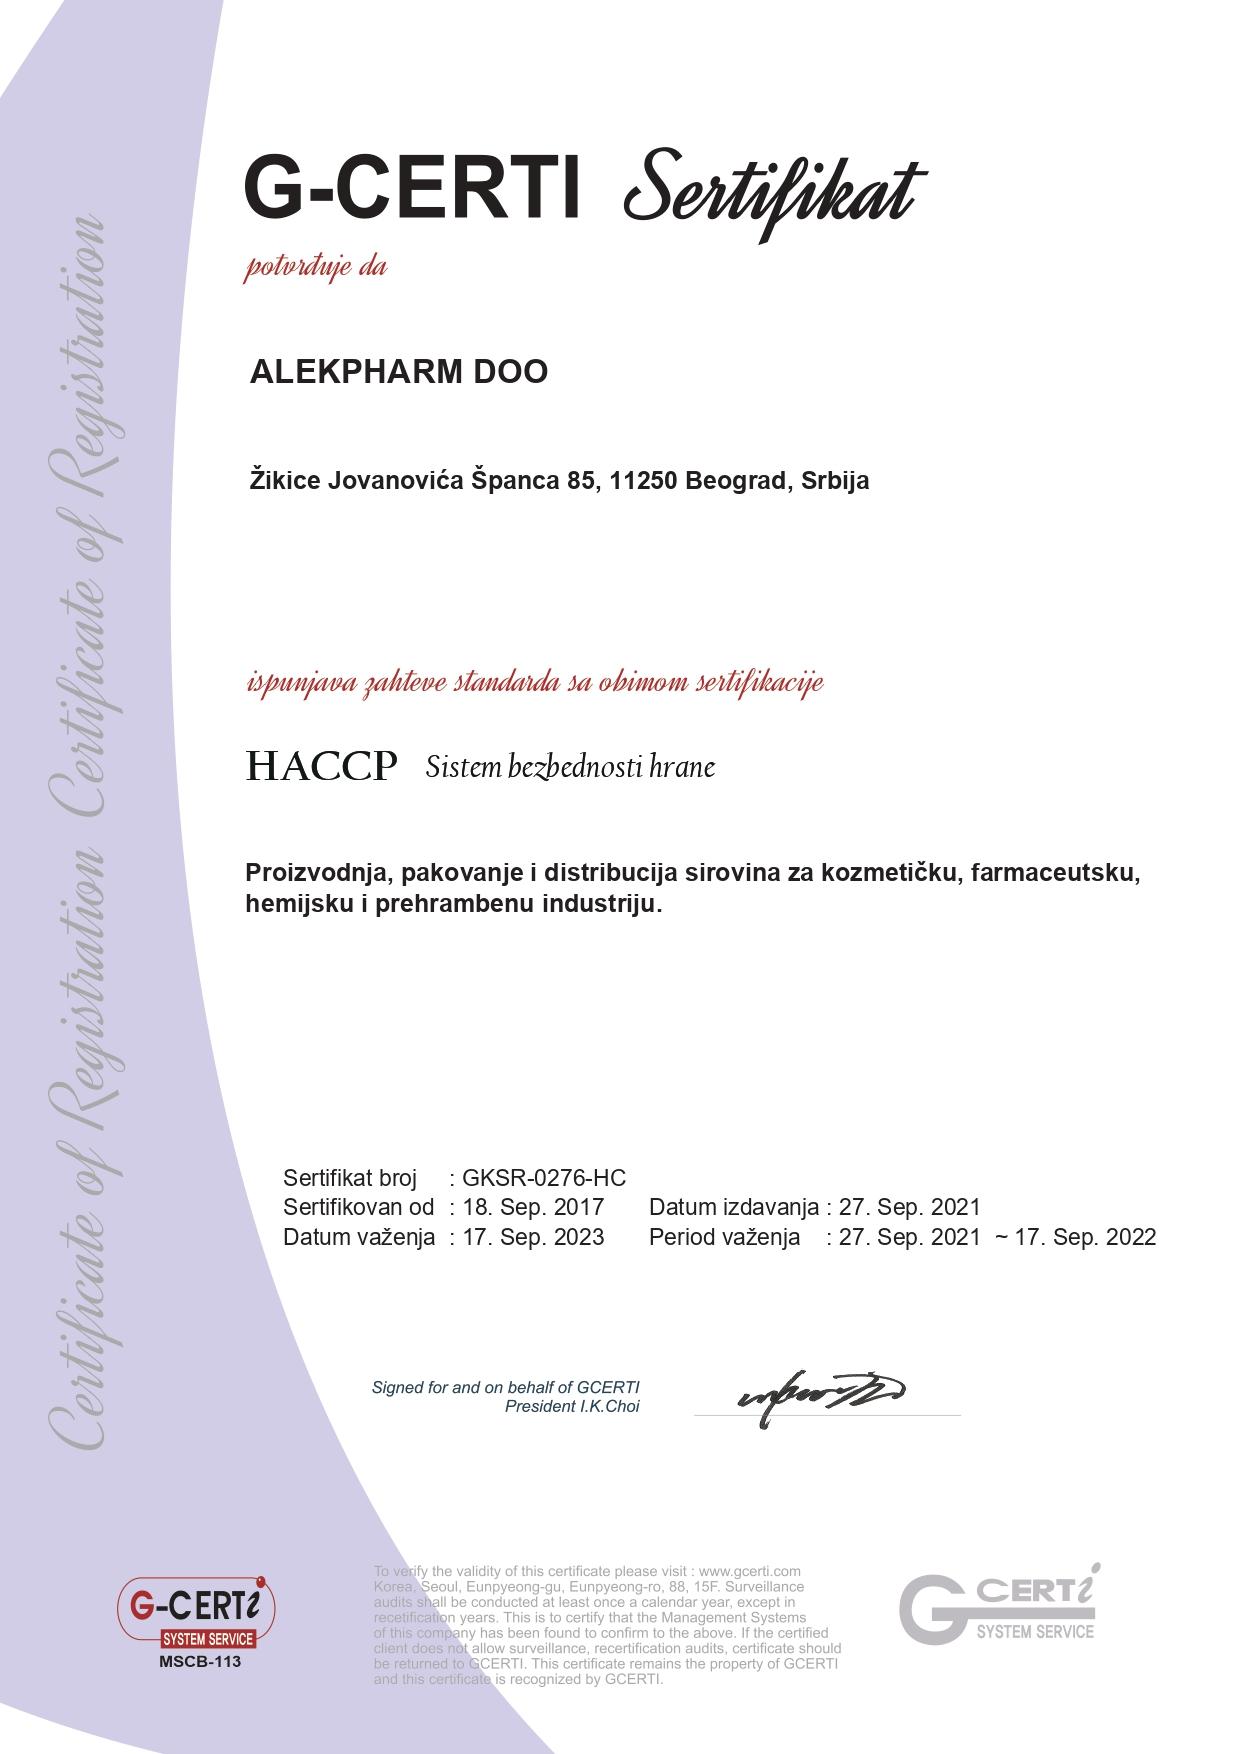 ISO14001-2015.jpg?v=1.1